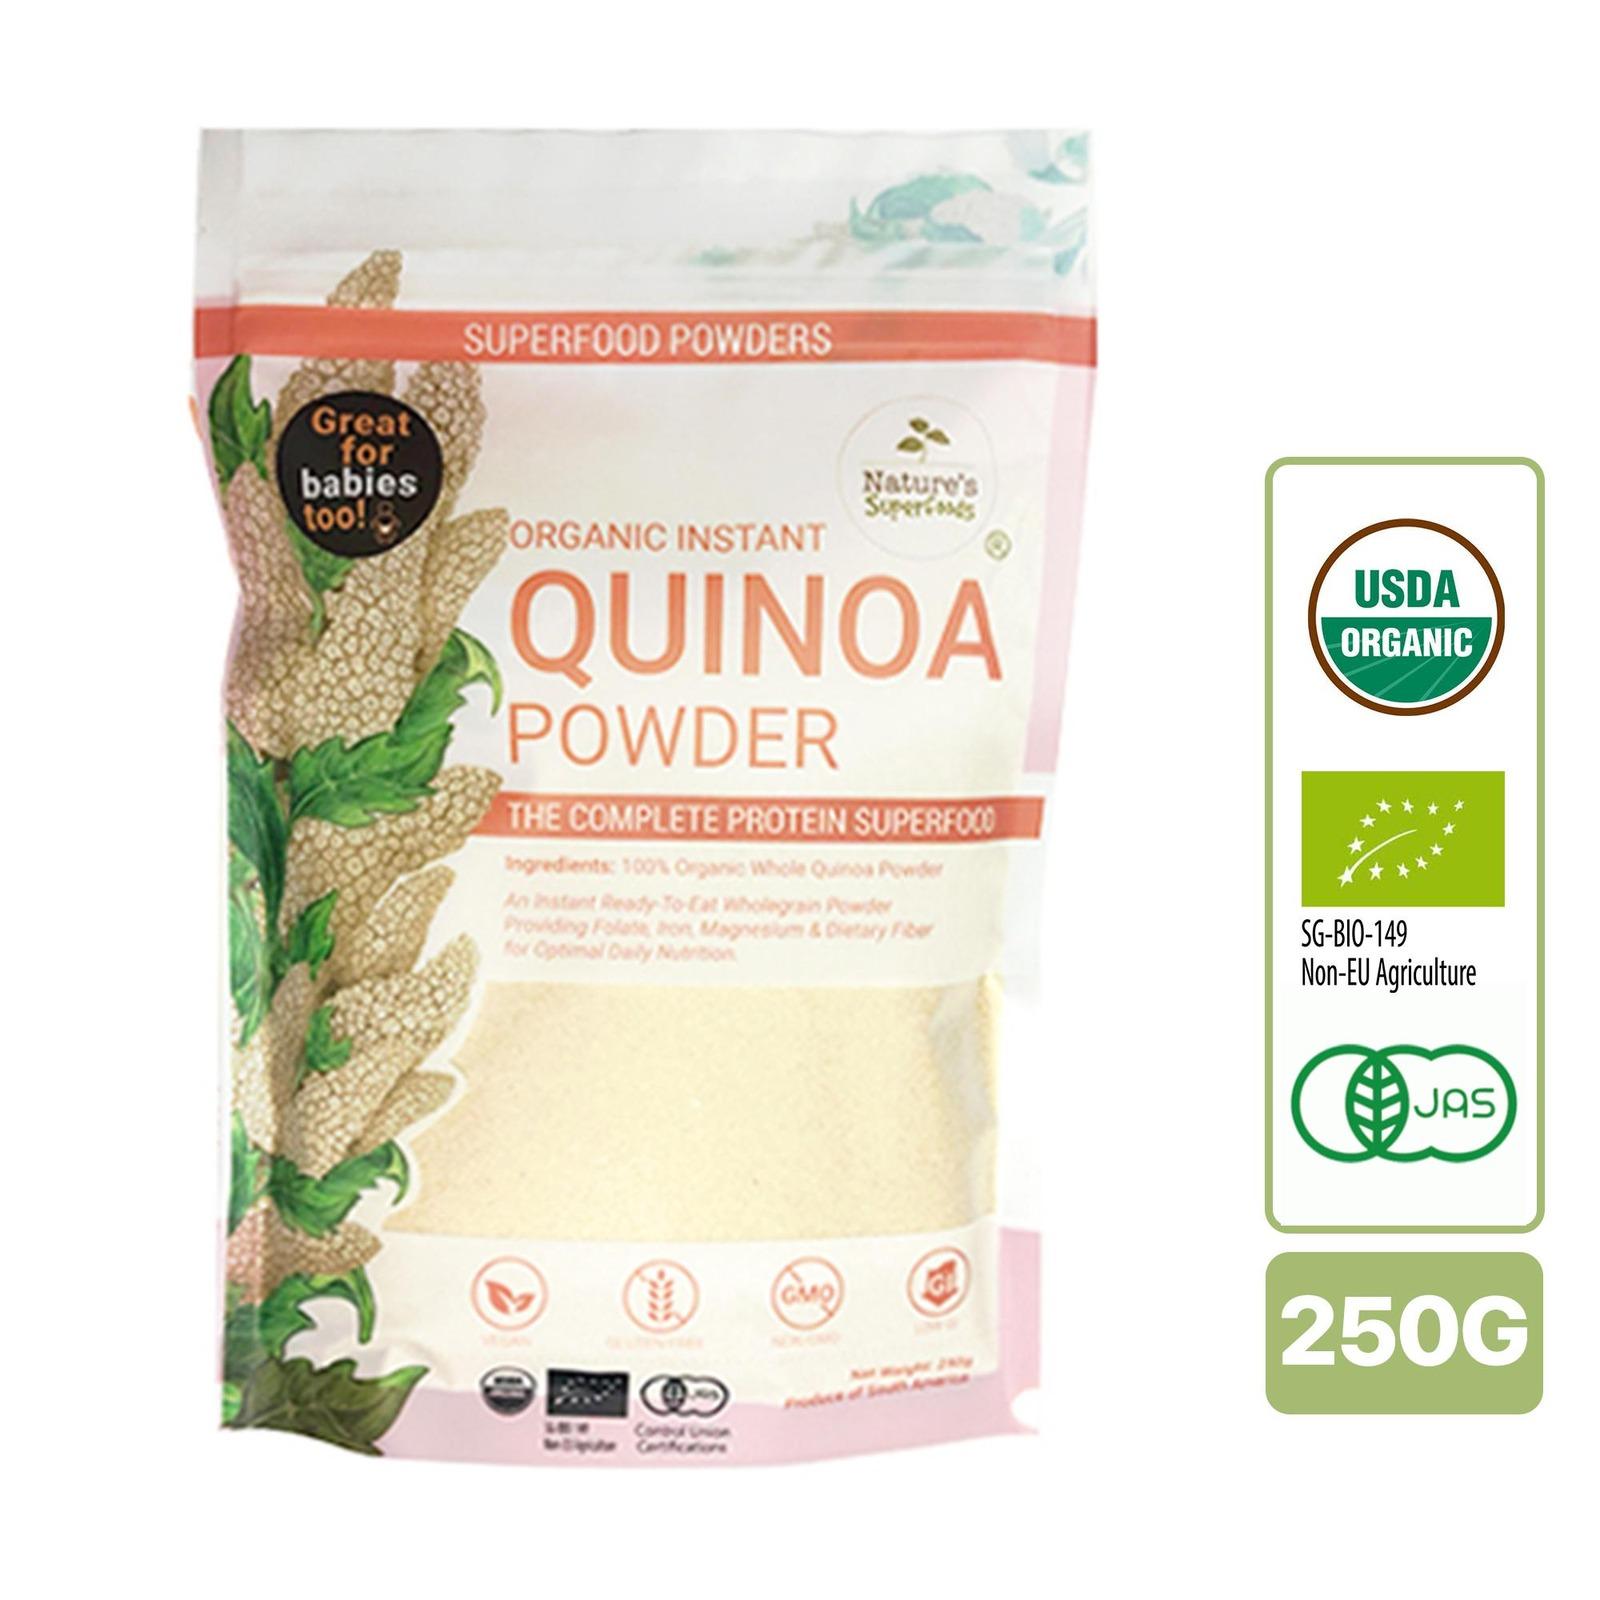 Nature's Superfoods Instant Organic Quinoa Powder